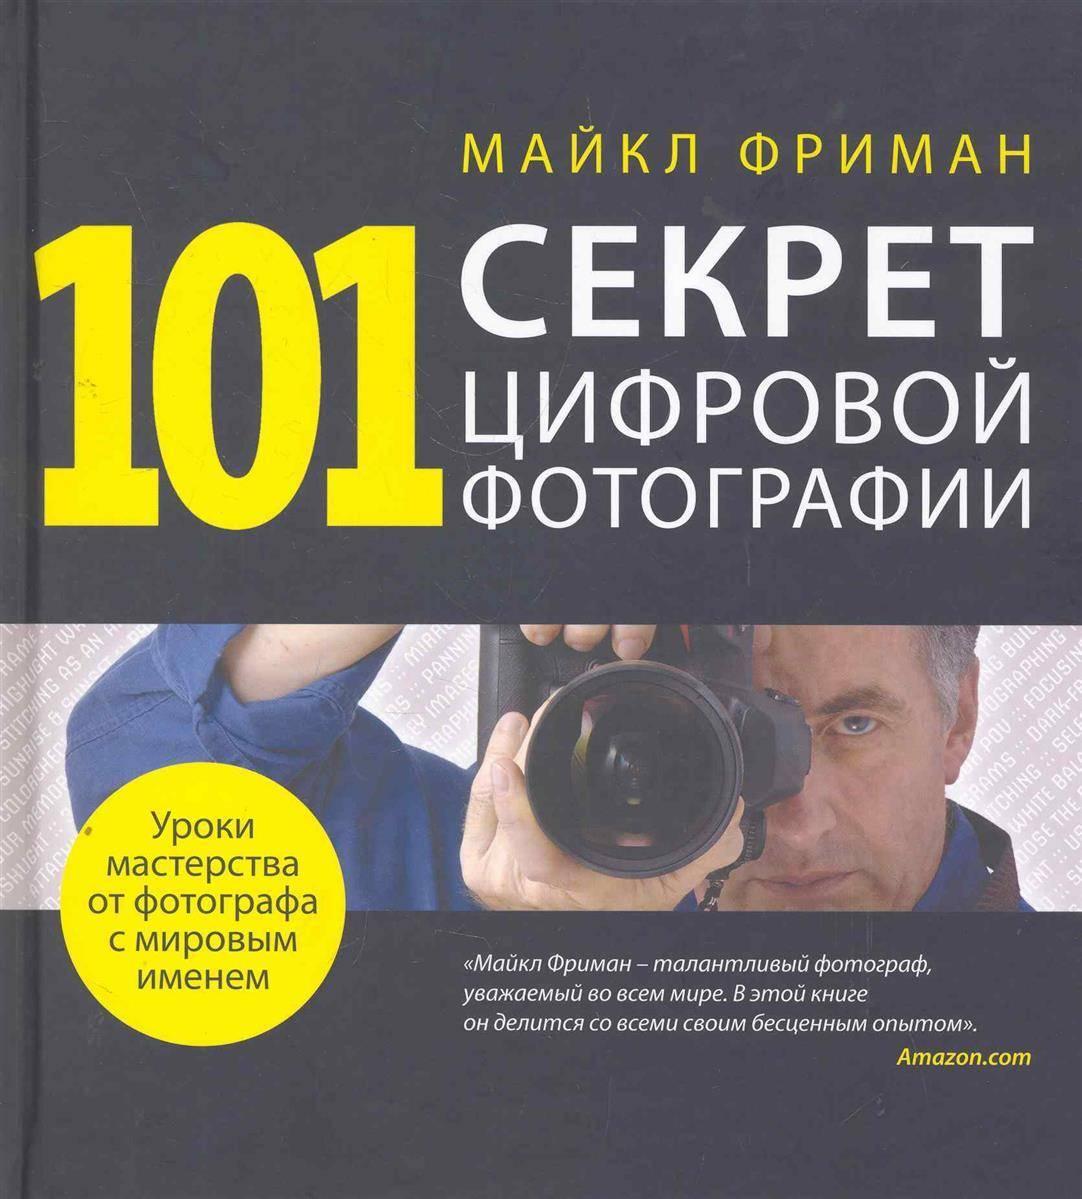 книги по фотосъемке для начинающих часть фильма